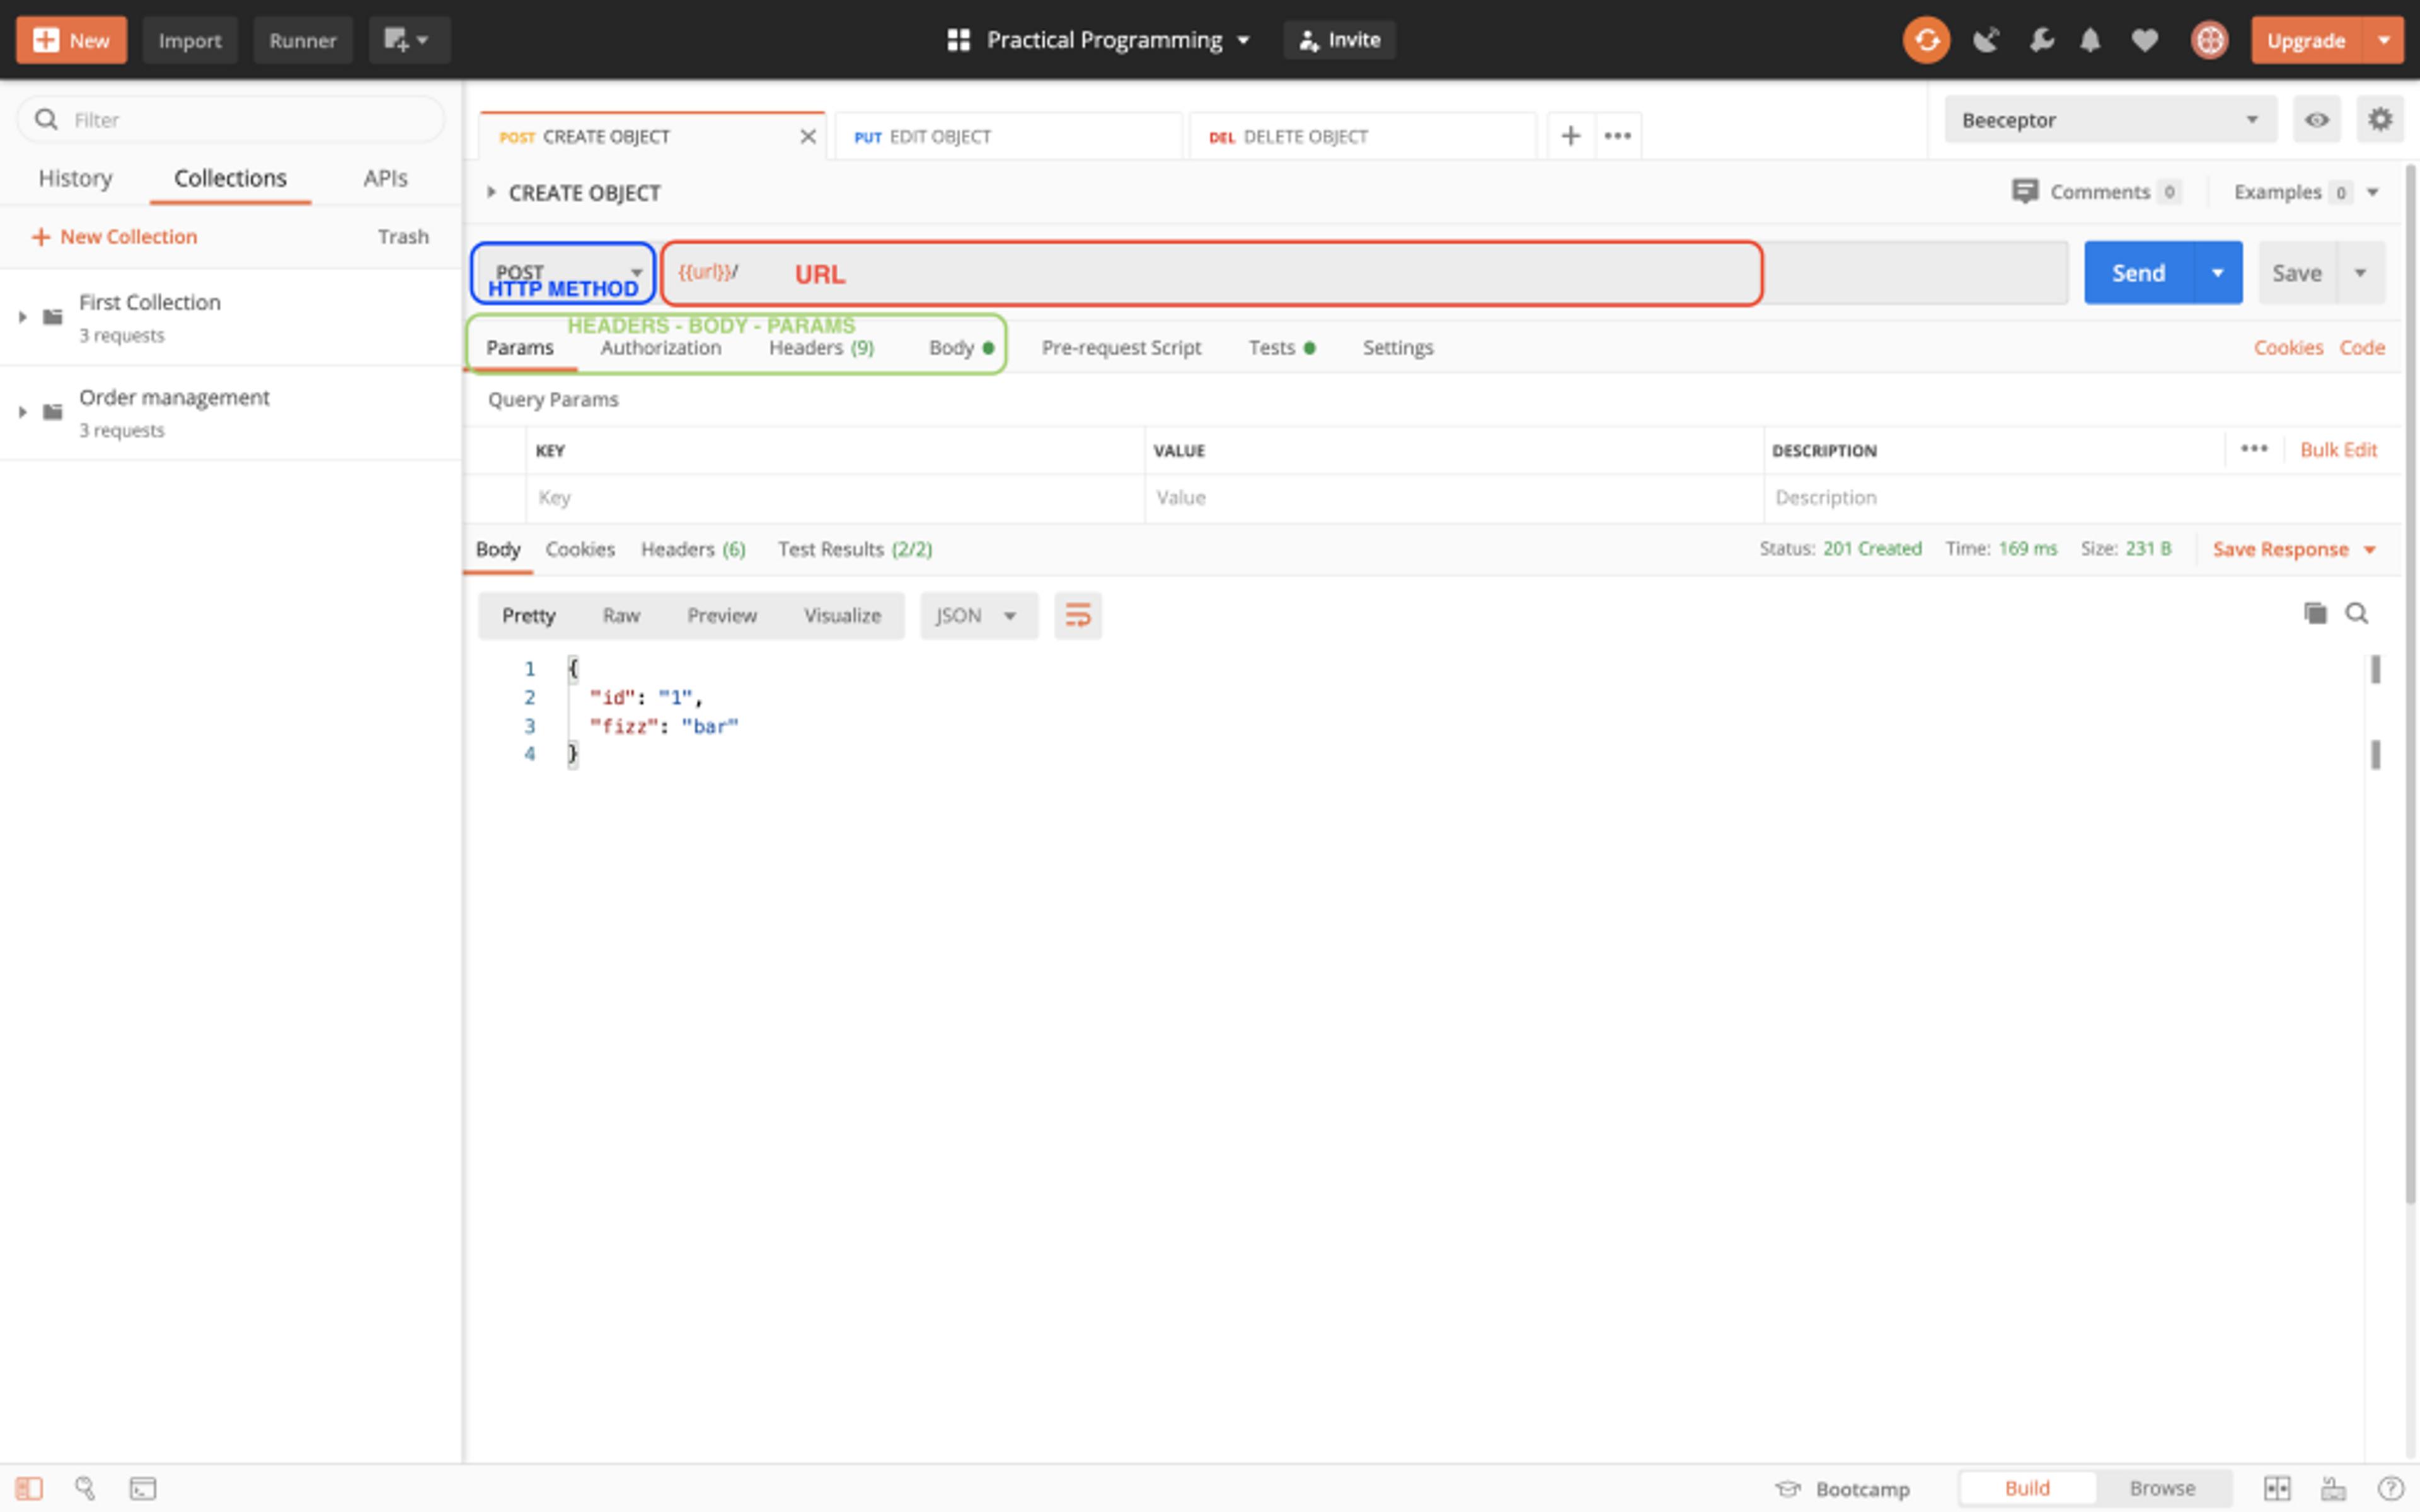 Postman permet d'effectuer des requêtes HTTP via une interface graphique